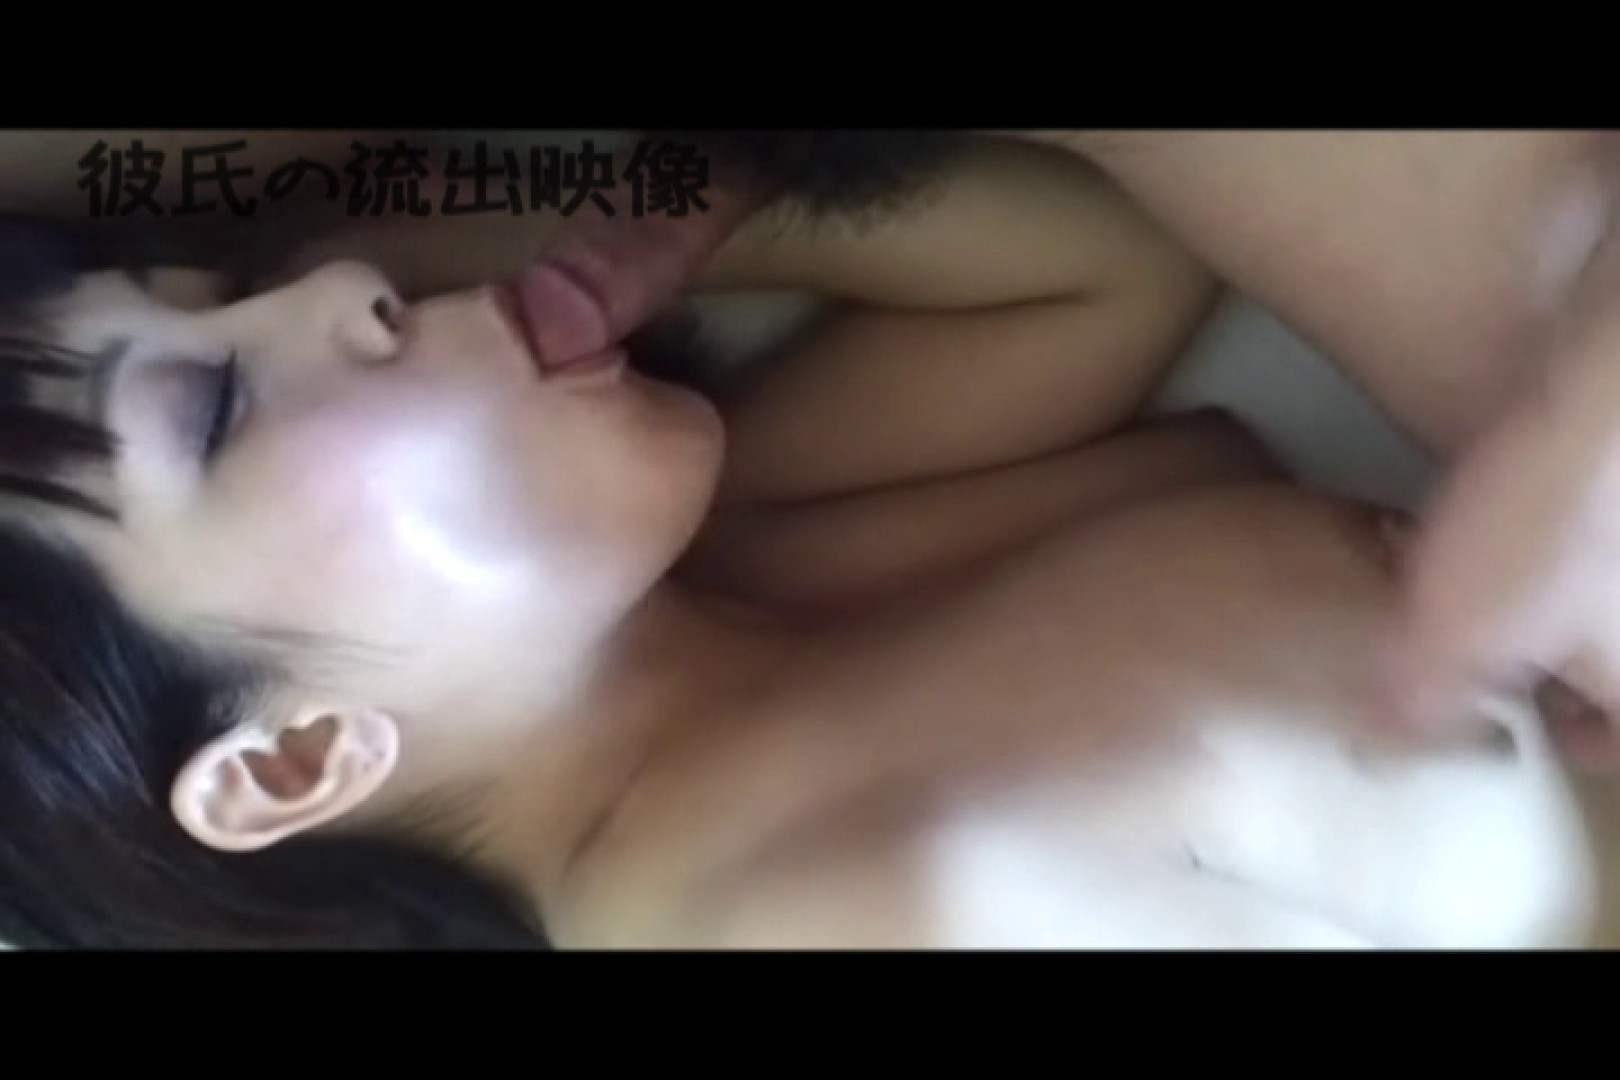 彼氏が流出 パイパン素人嬢のハメ撮り映像03 素人 オマンコ無修正動画無料 81pic 54